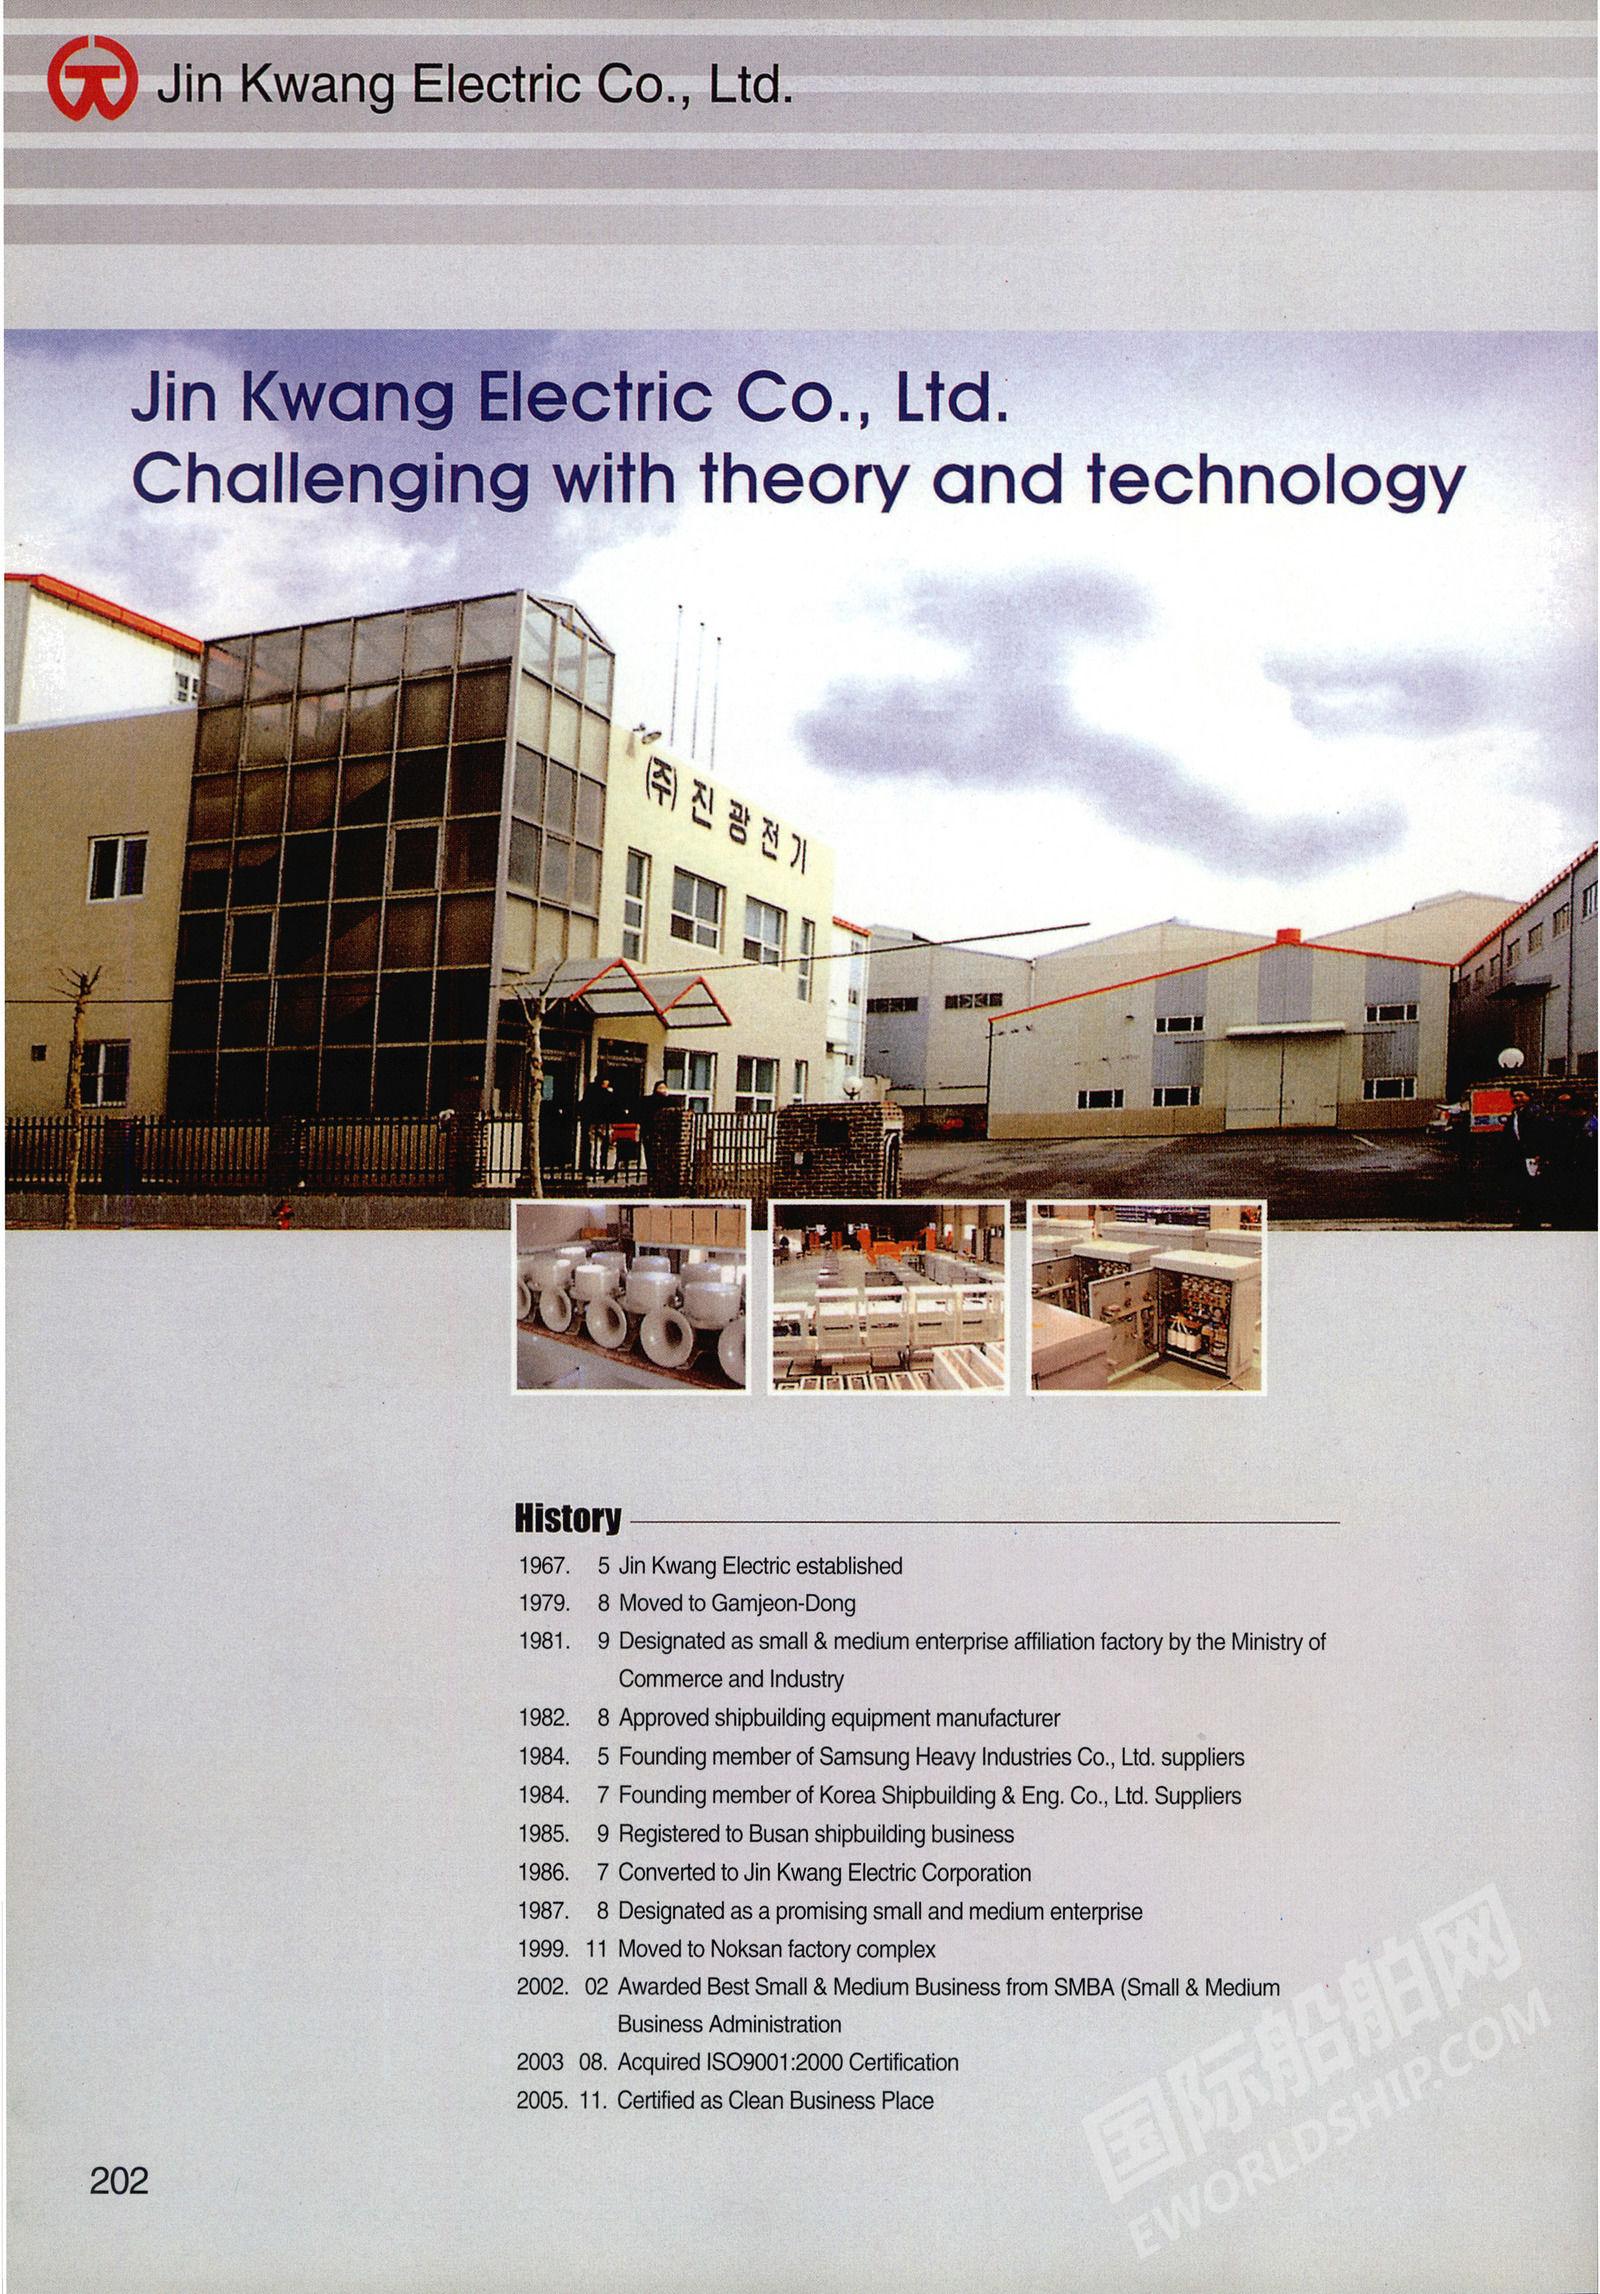 JIN KWANG ELECTRIC CO., LTD. 企业样本